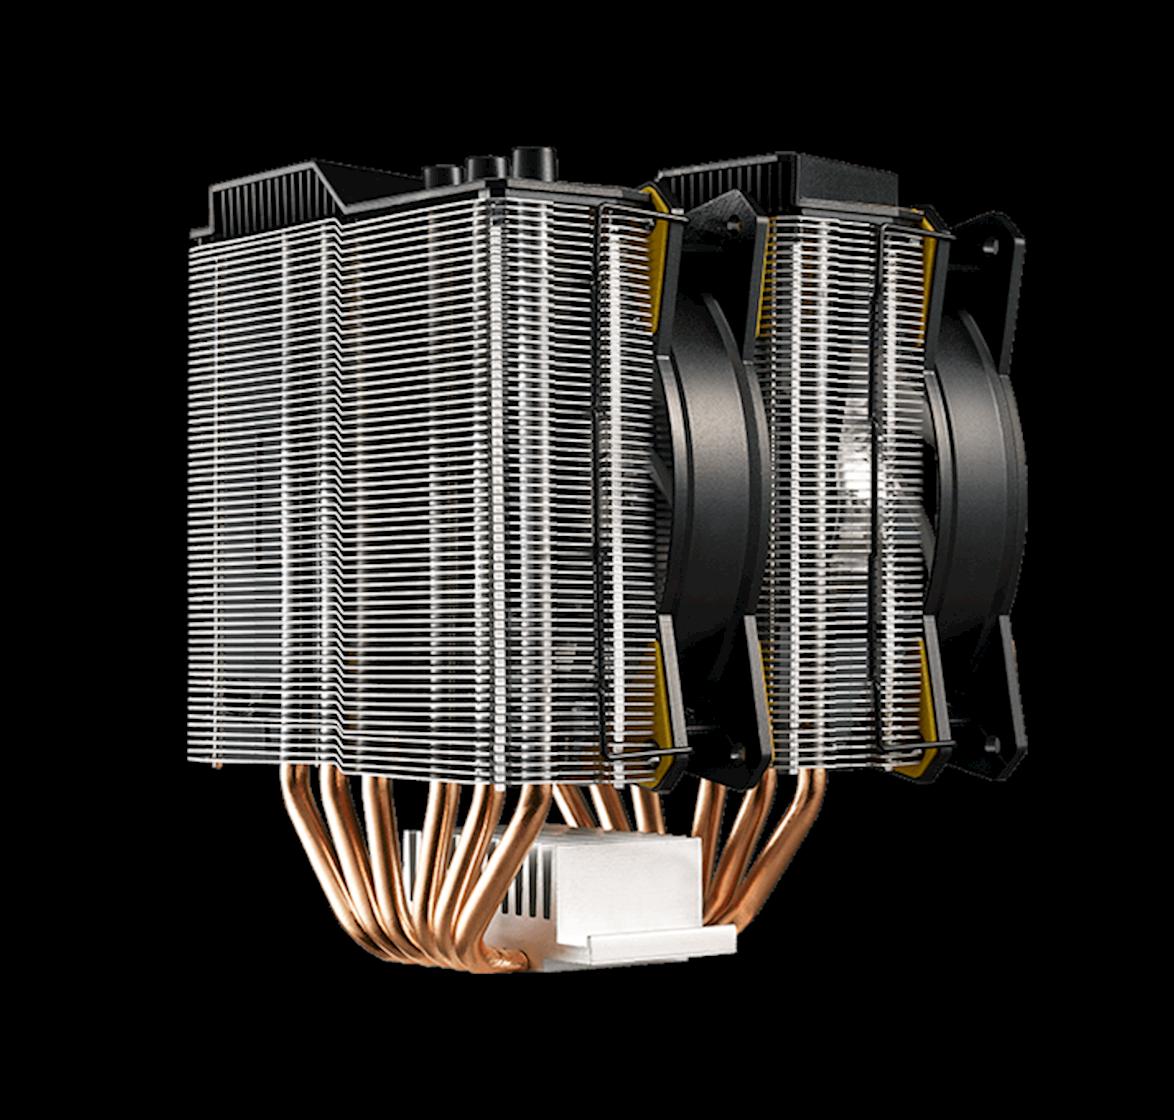 Dual-tower Heatsinks & Fans